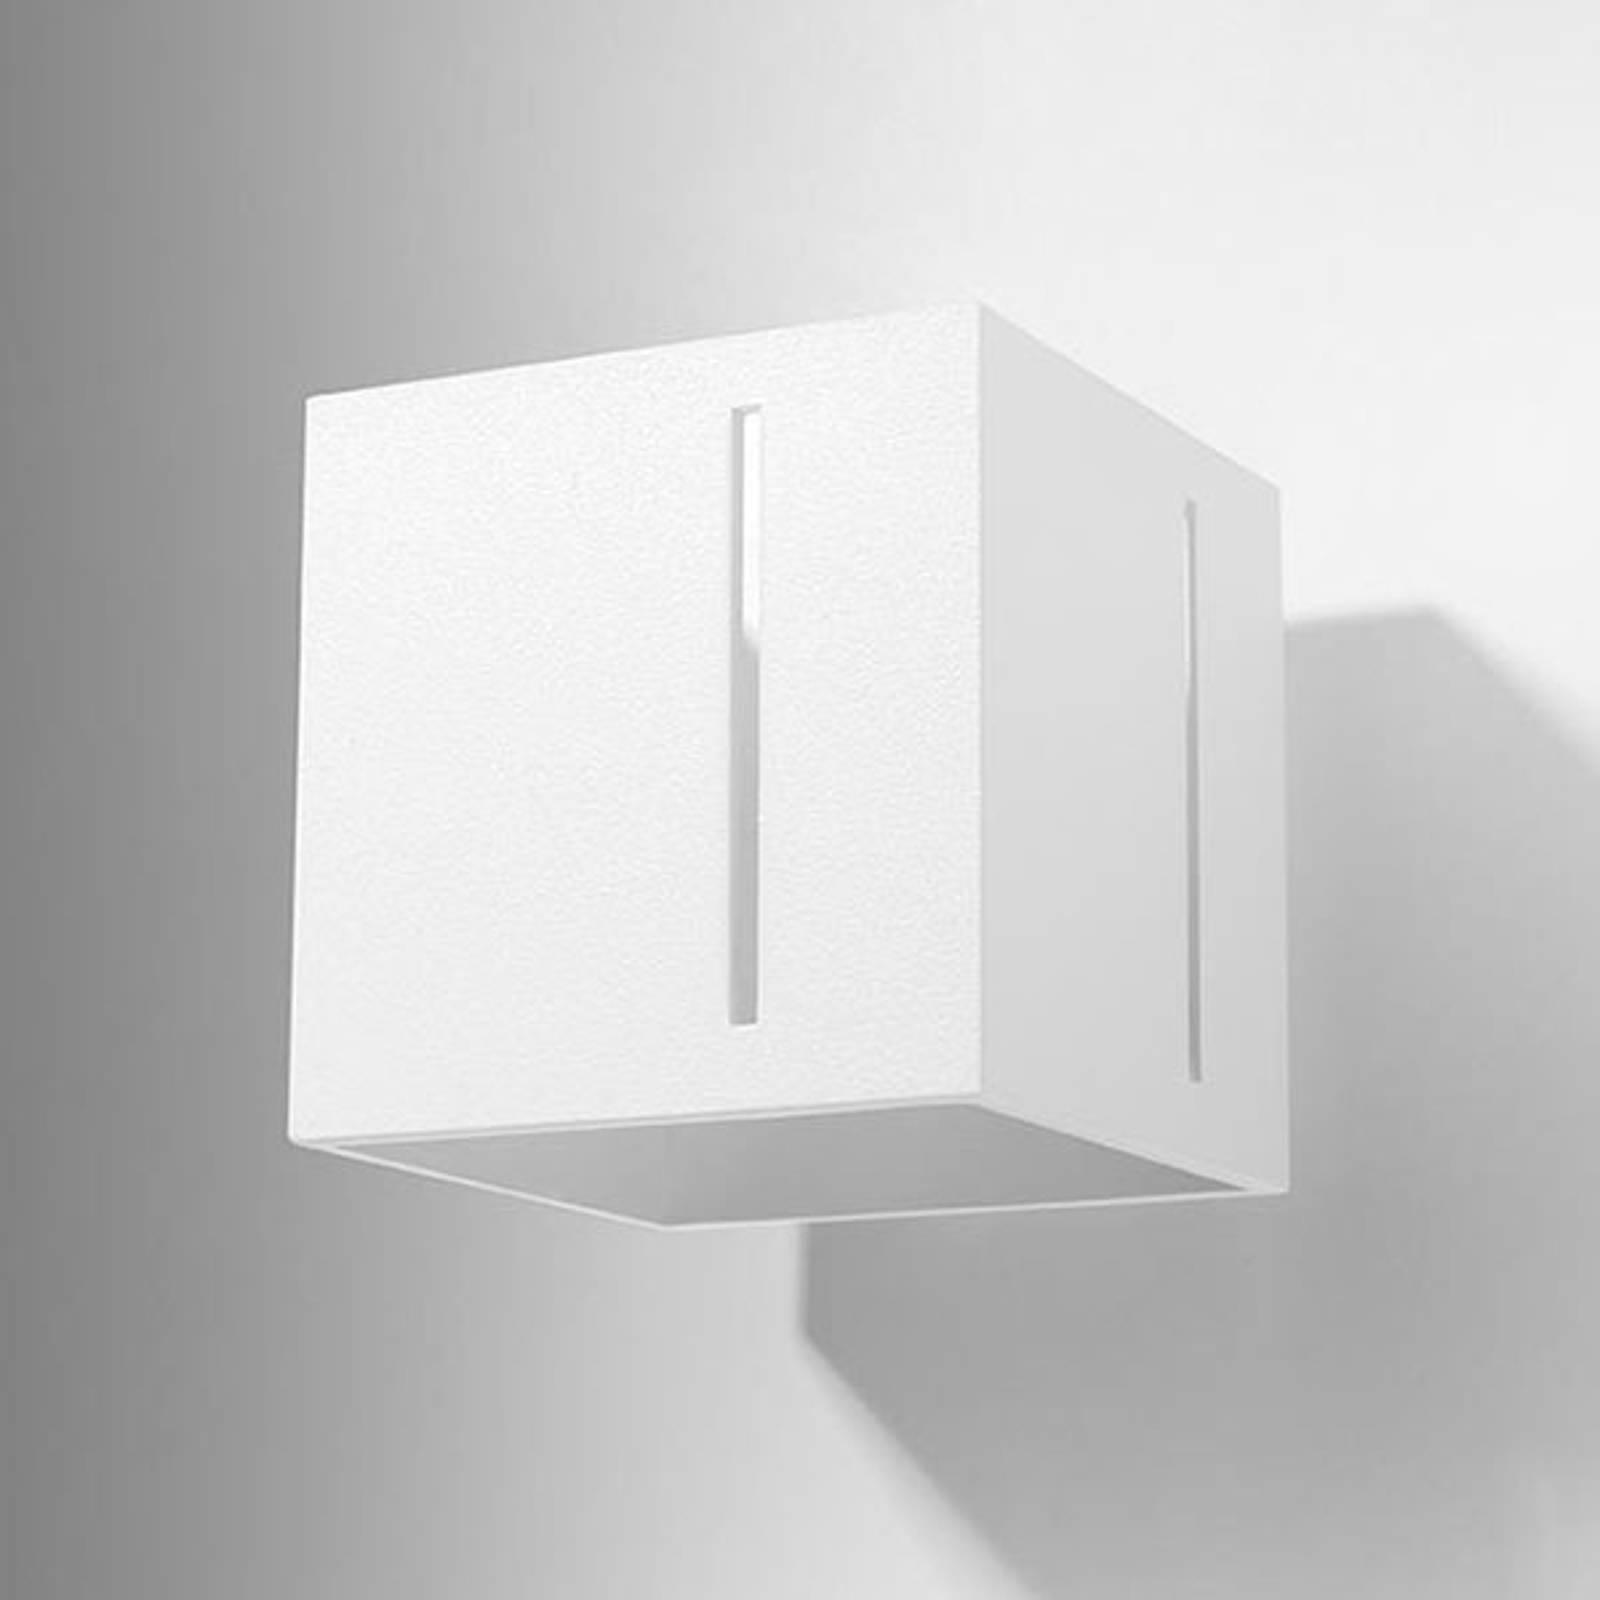 Wandleuchte Topic up/down aus Aluminium, weiß